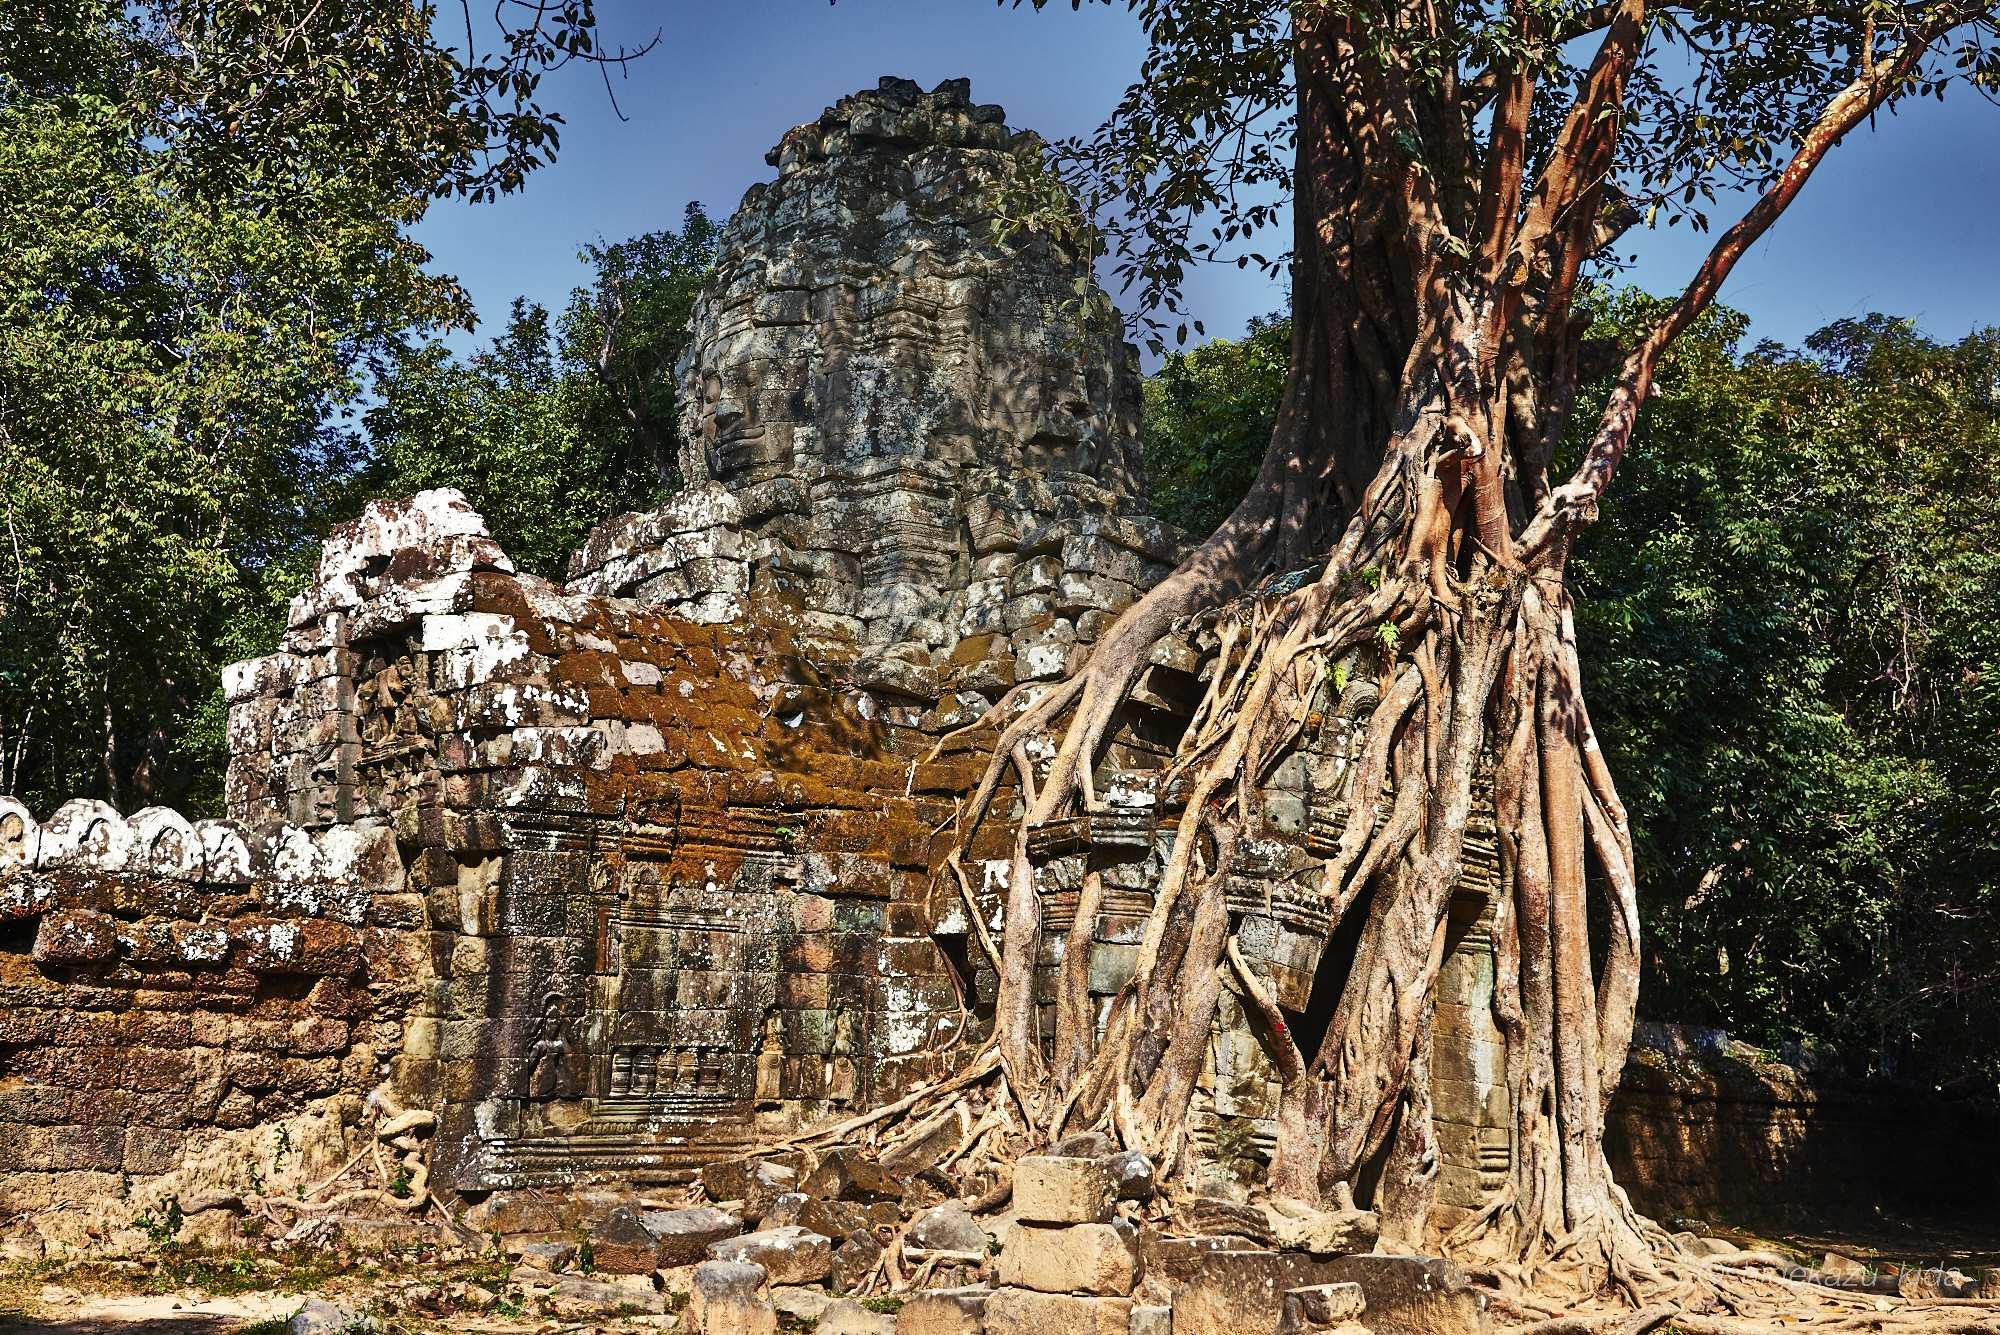 Angkor(アンコール)遺跡群にあるTaSom(タ・ソム)の東塔門にからみつくリエップの木